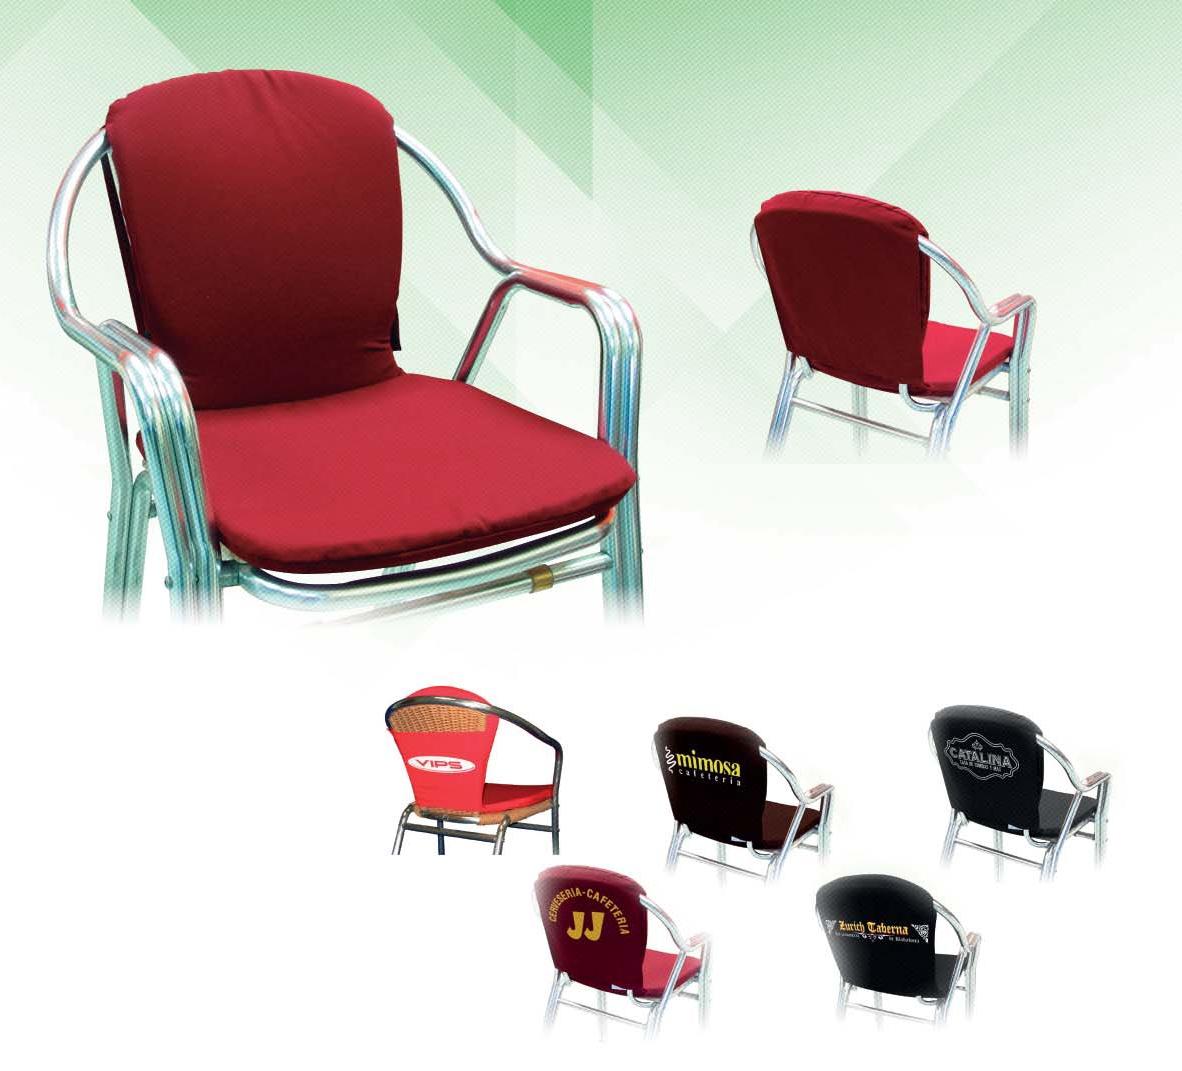 Cojines para silla gallery of cocina cojines de silla y - Cojines para silla ...